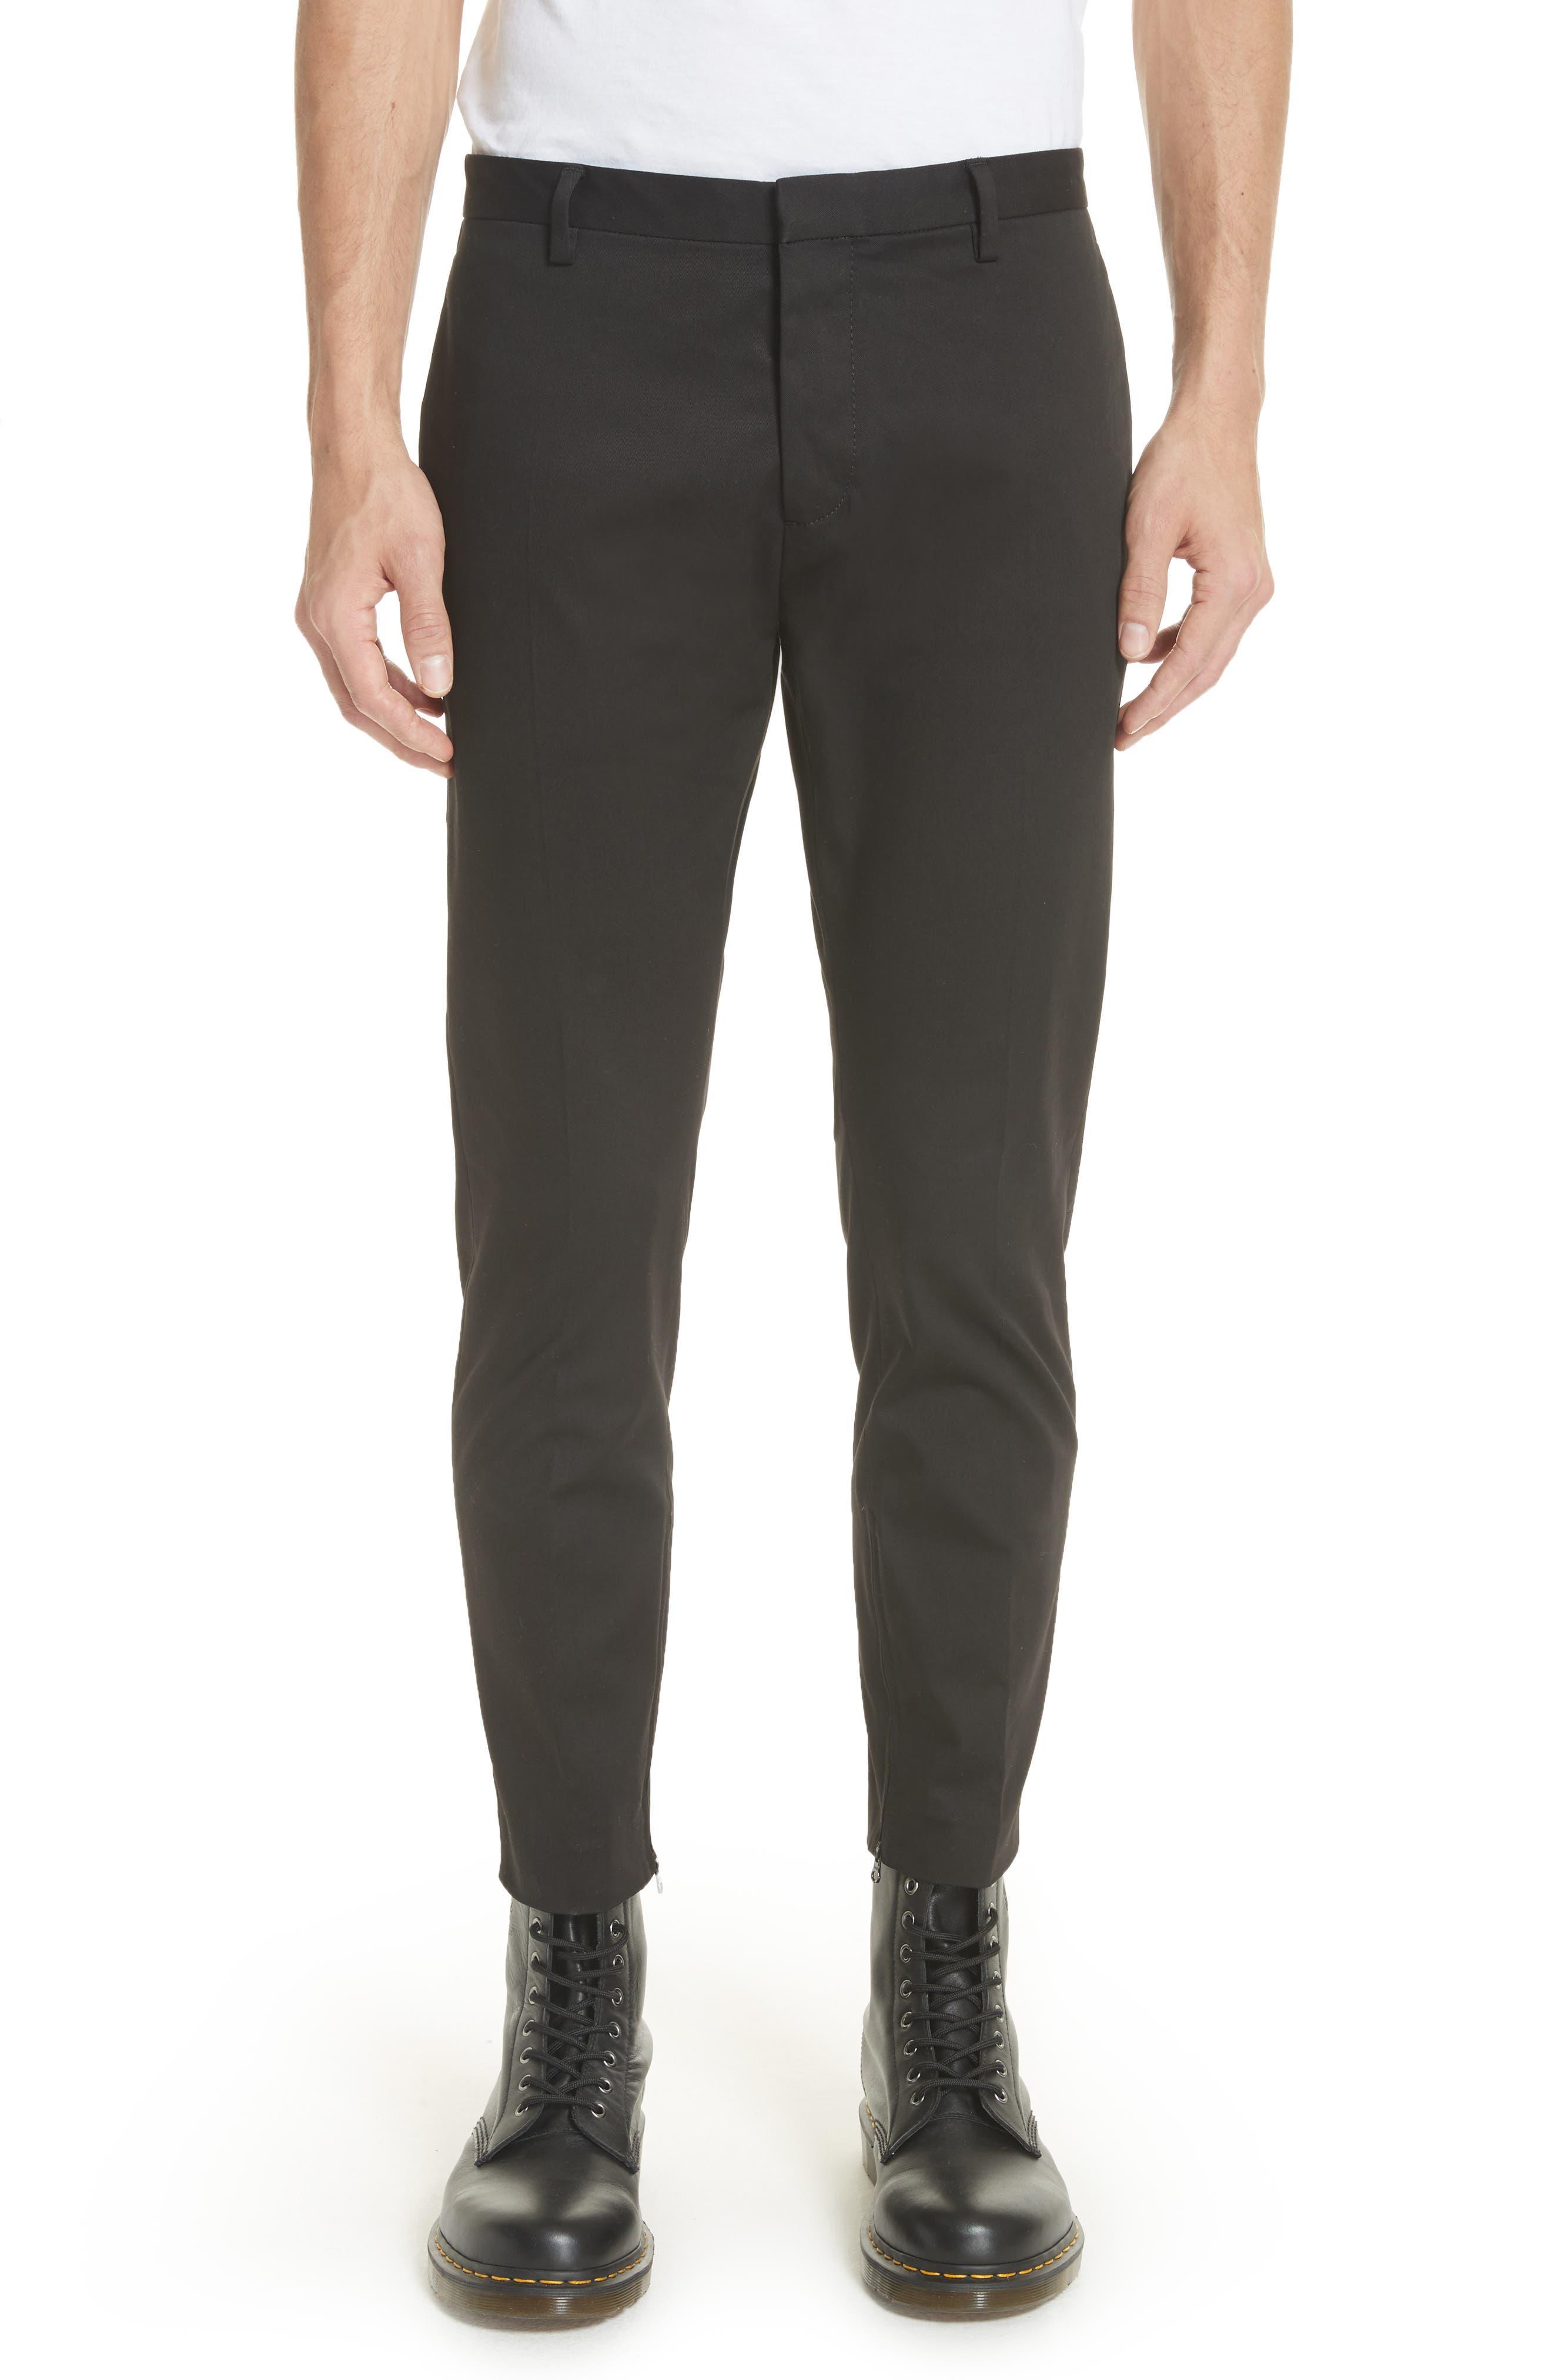 Dan Skinny Fit Cropped Trousers,                             Main thumbnail 1, color,                             Black